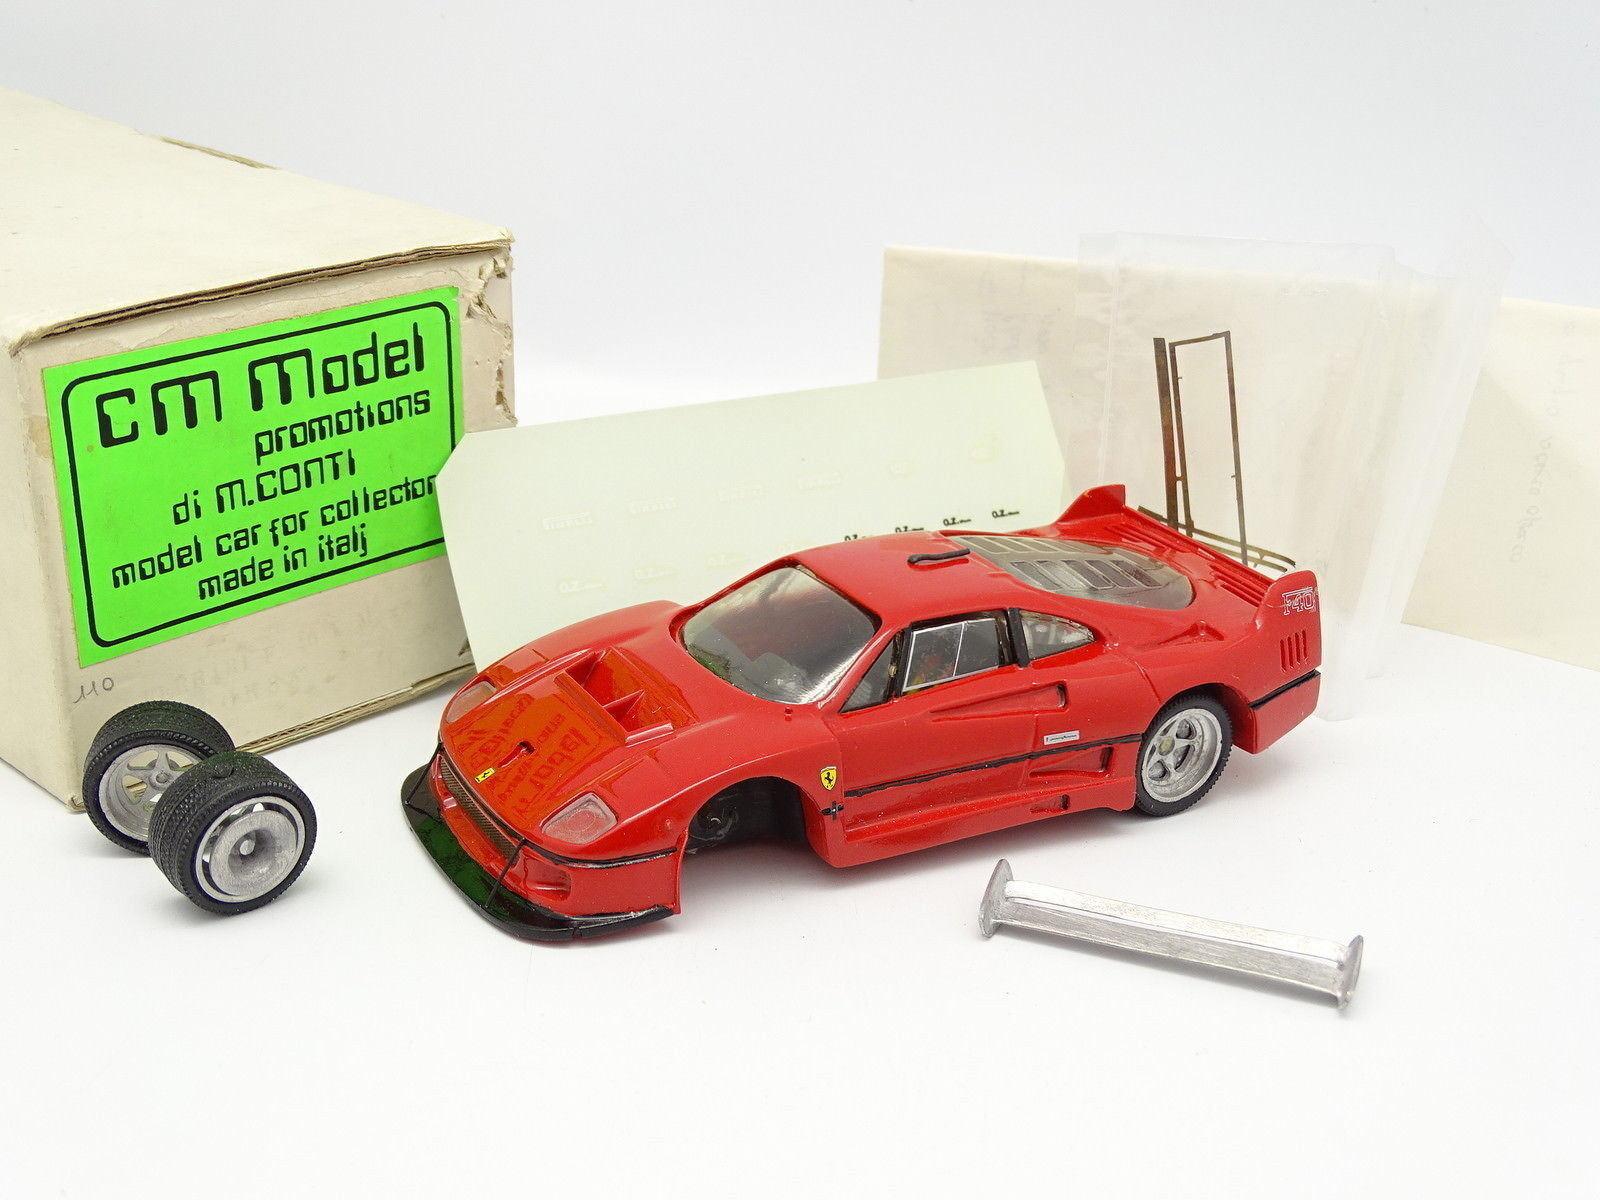 Contimodel Set Built Resin 1 32 - Ferrari F40 LM Corsa